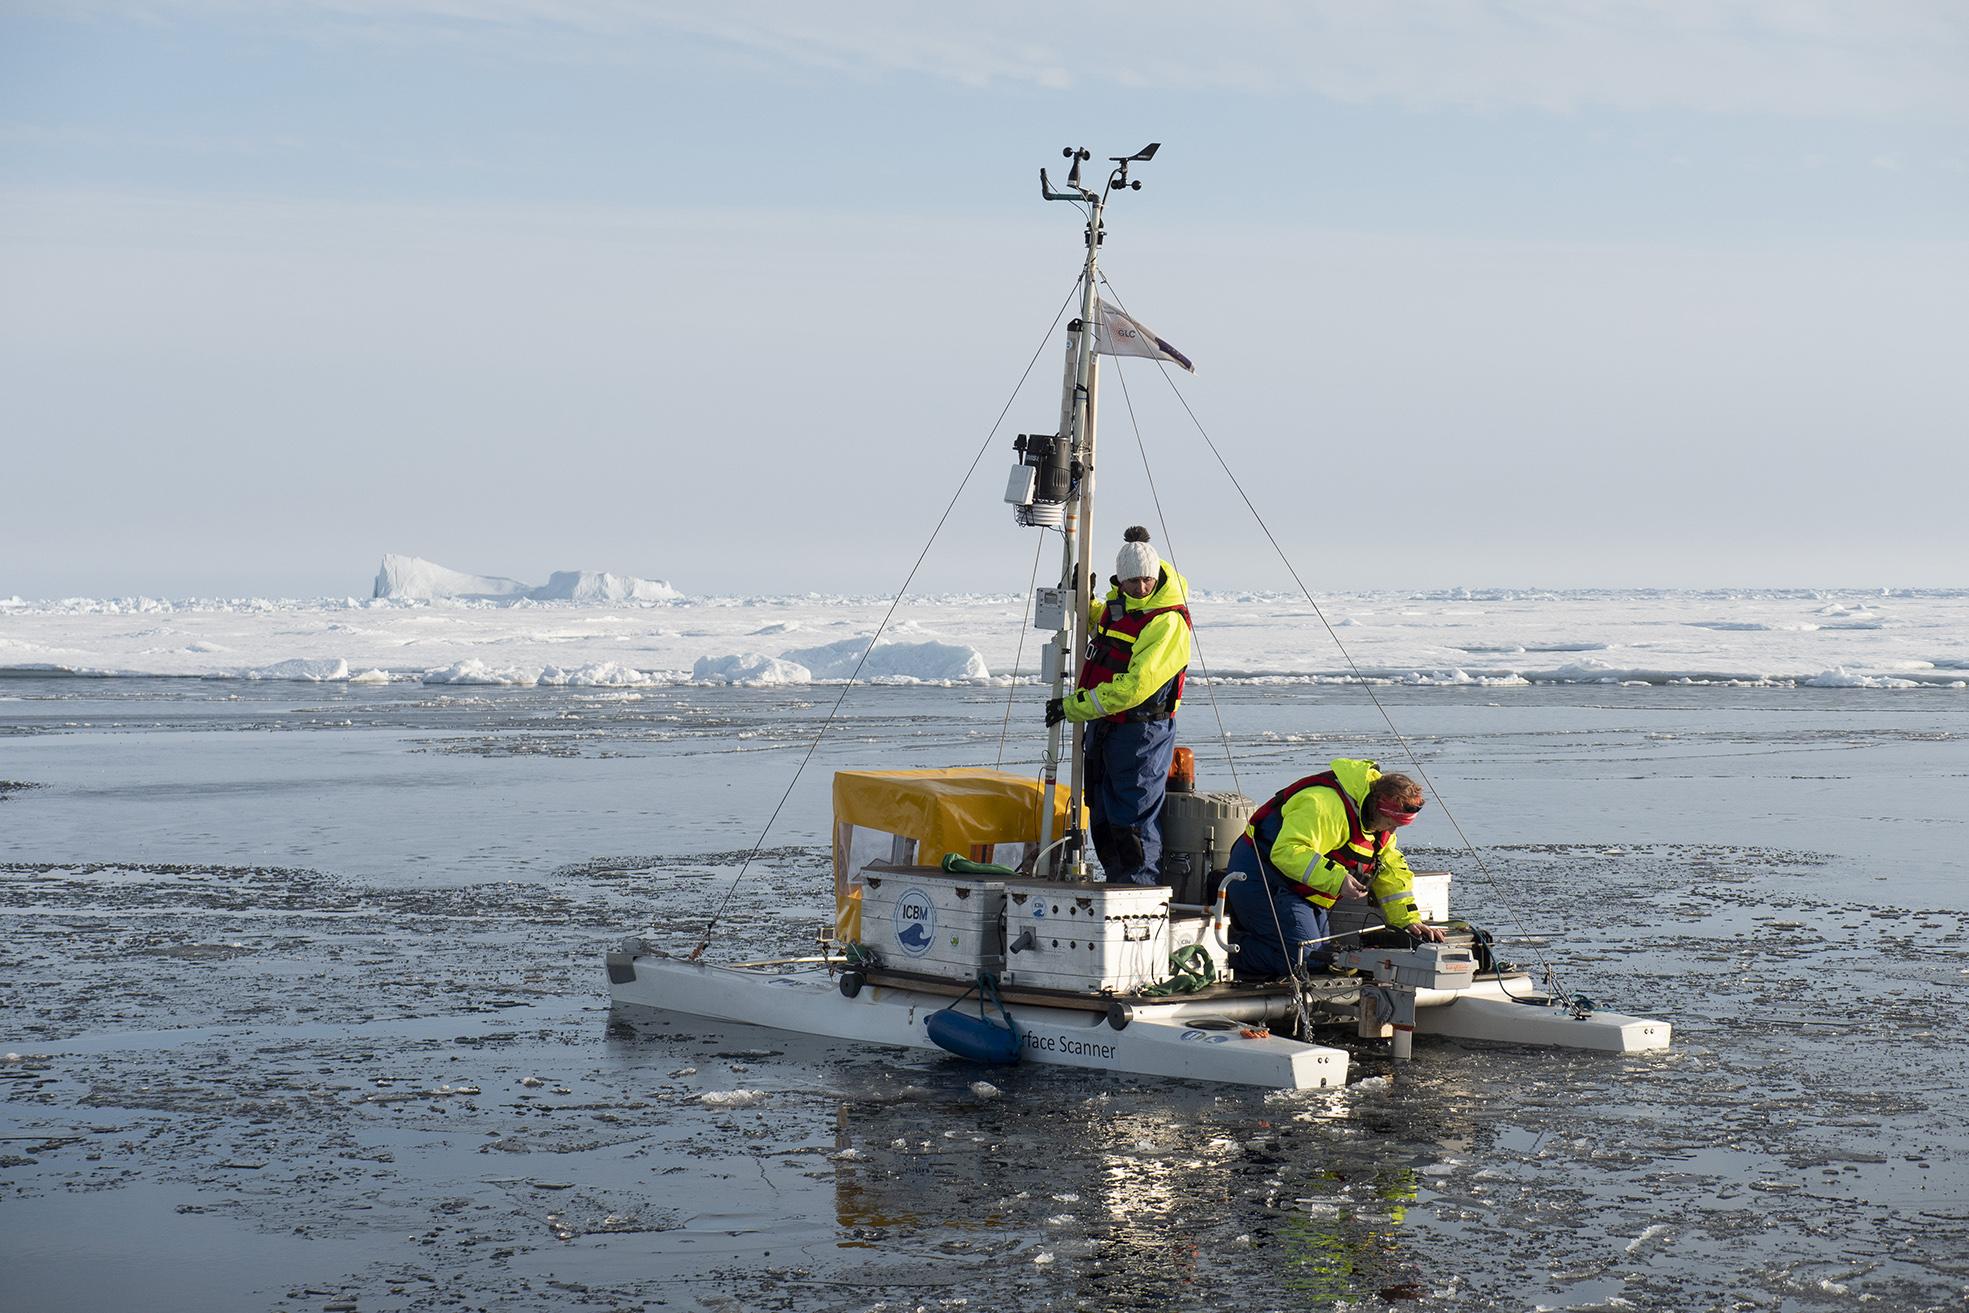 Ytan med öppet vatten mellan isflaken var i ständig förändring. Dagarna med mycket öppet vatten kunde en större båt användas med bättre kapacitet för provtagning. Foto: Karin Alfredsson